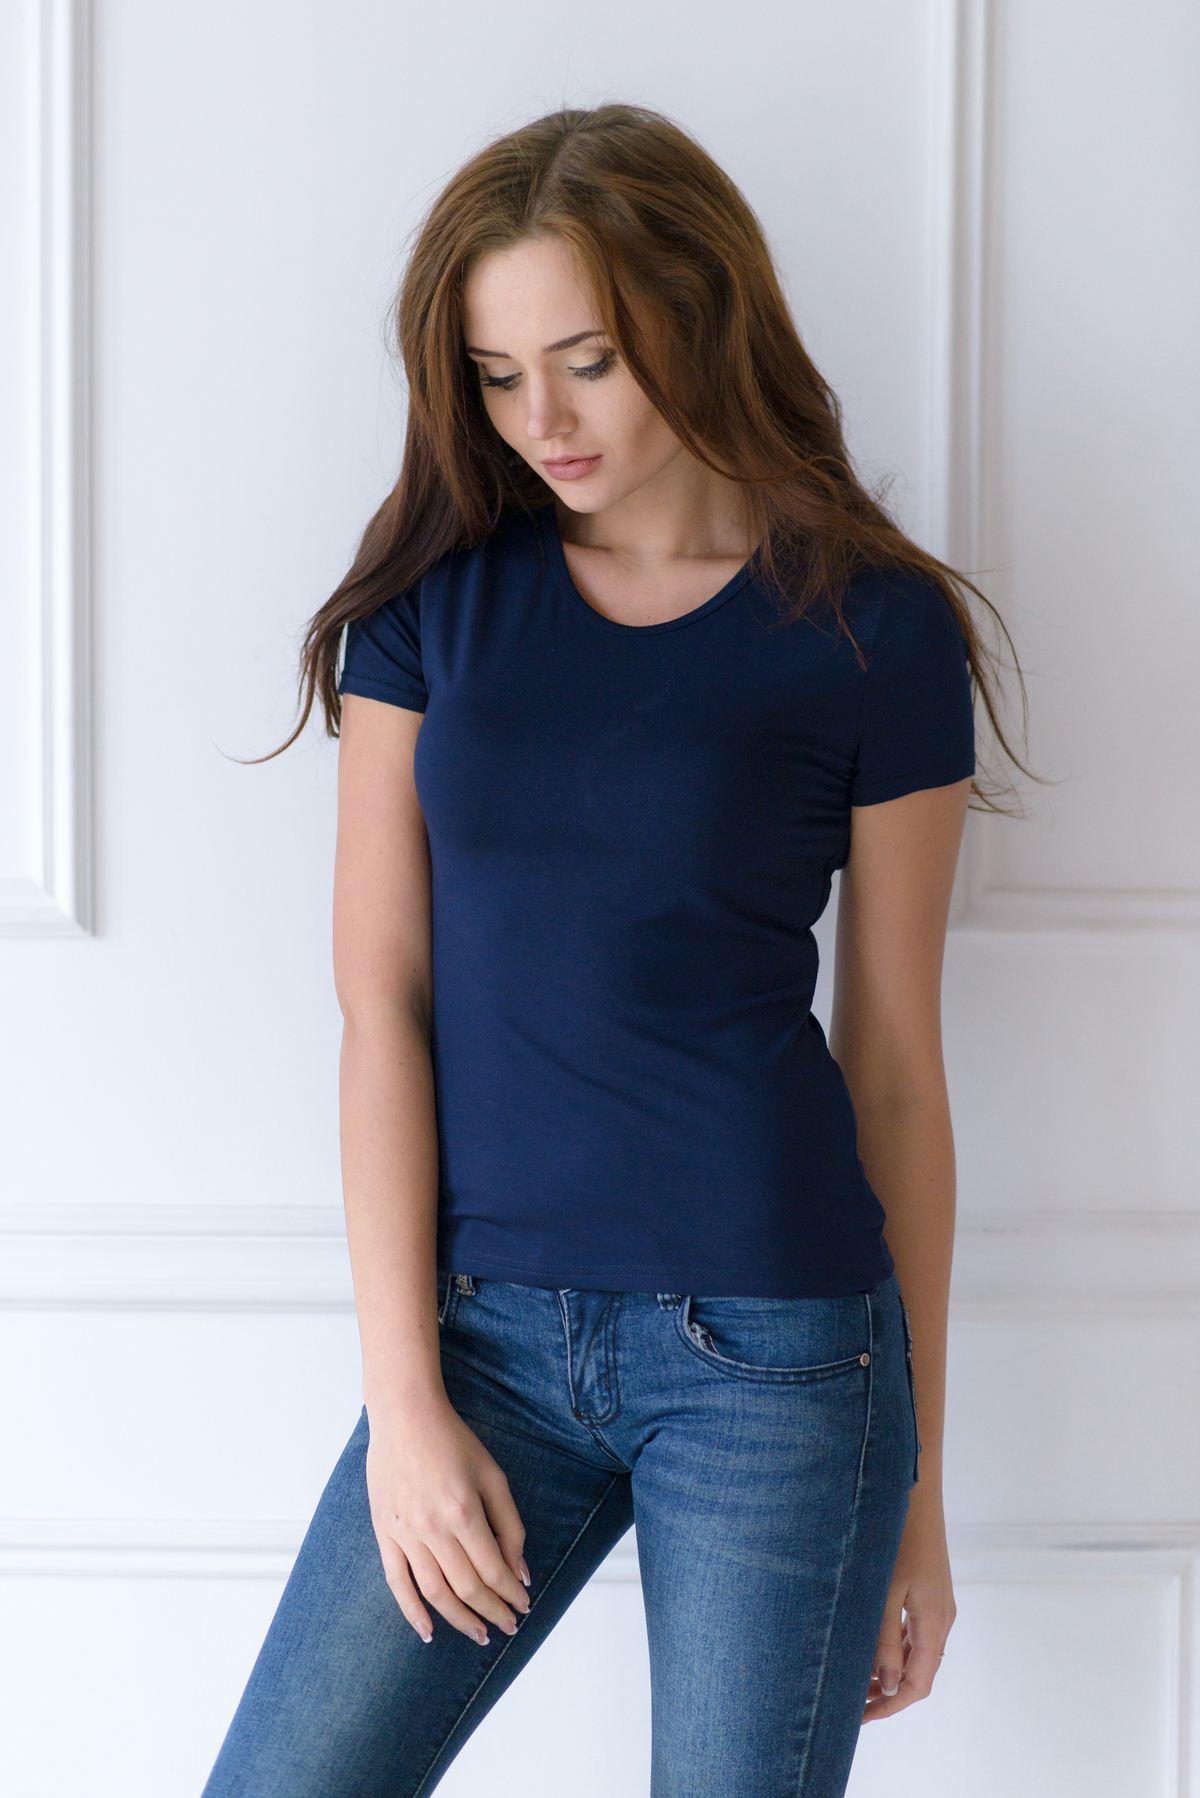 Жен. футболка арт. 19-0033 Темно-синий р. 52Майки и футболки<br>Факт. ОГ: 96 см <br>Факт. ОТ: 92 см <br>Факт. ОБ: 104 см <br>Длина по спинке: 66 см<br><br>Тип: Жен. футболка<br>Размер: 52<br>Материал: Вискоза